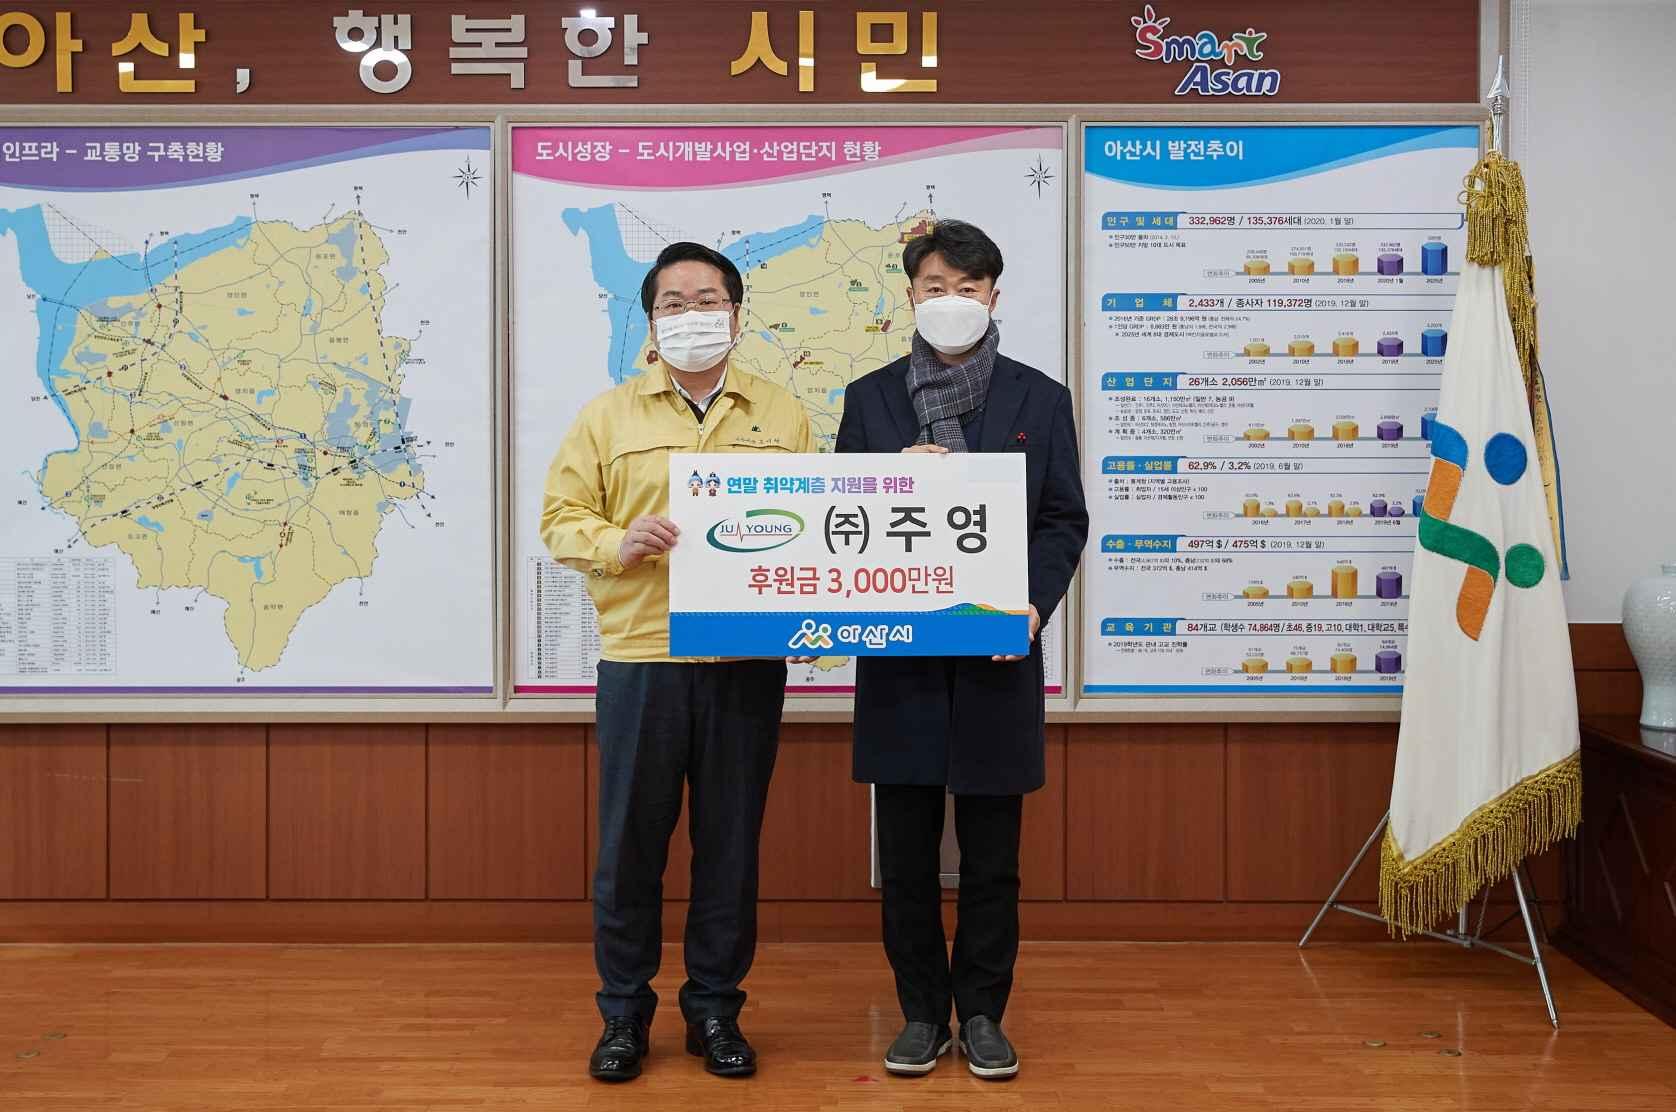 ㈜주영, 아산시에 취약계층 지원 성금 3000만원 기부 관련사진